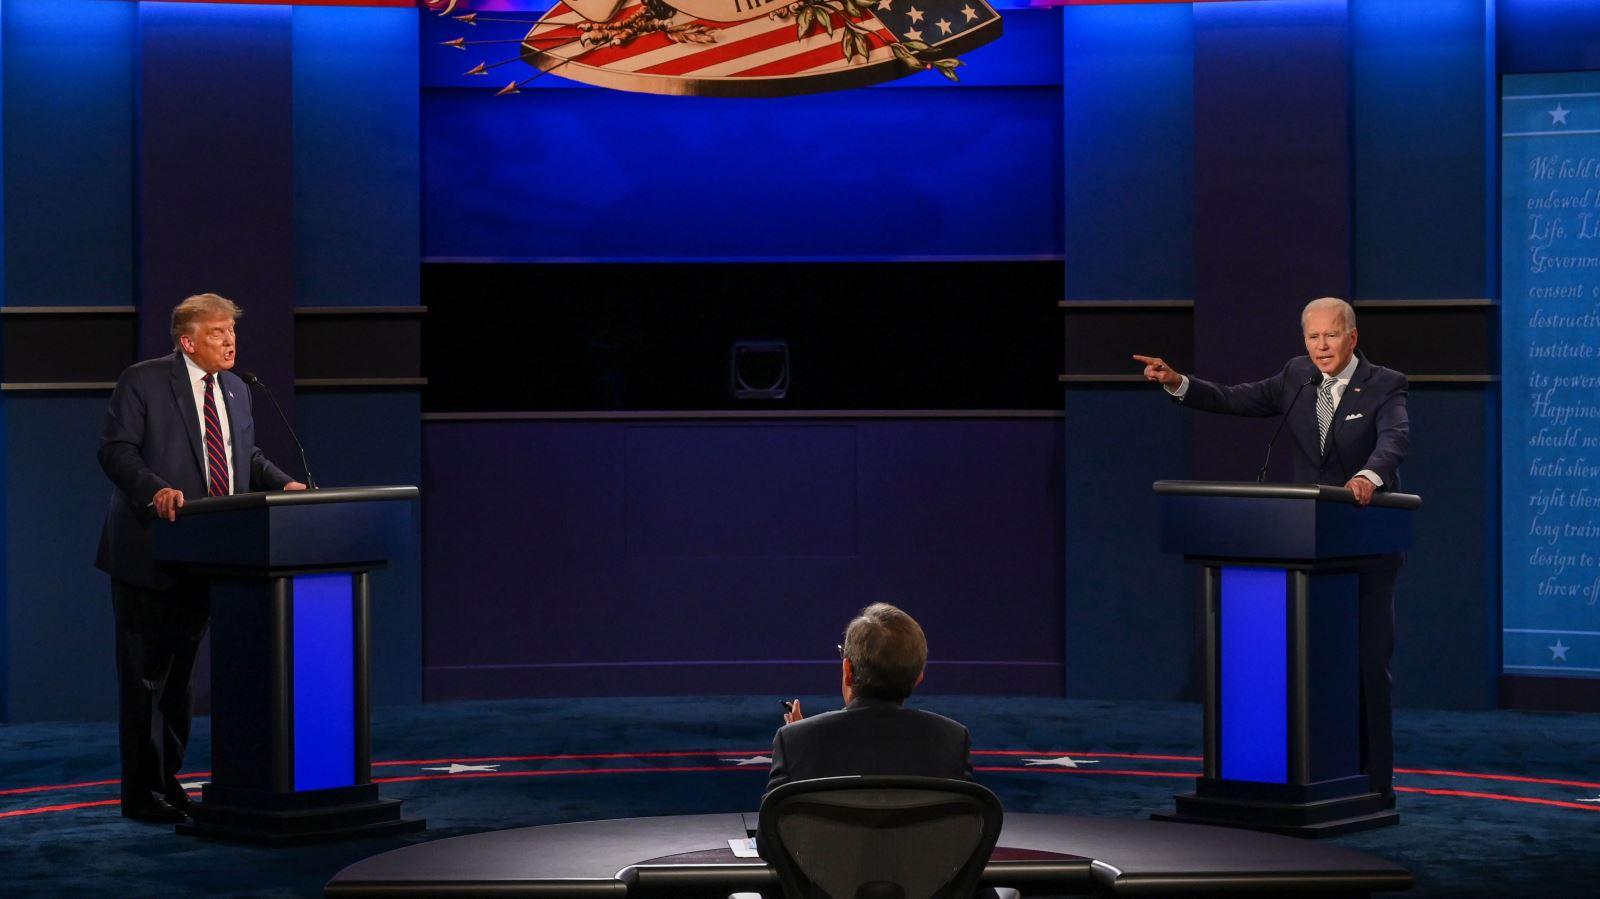 Bầu cử Mỹ 2020: Lập trường rõ ràng của mỗi ứng cử viên tổng thống sau phiên hỏi - đáp trực tiếp với cử tri